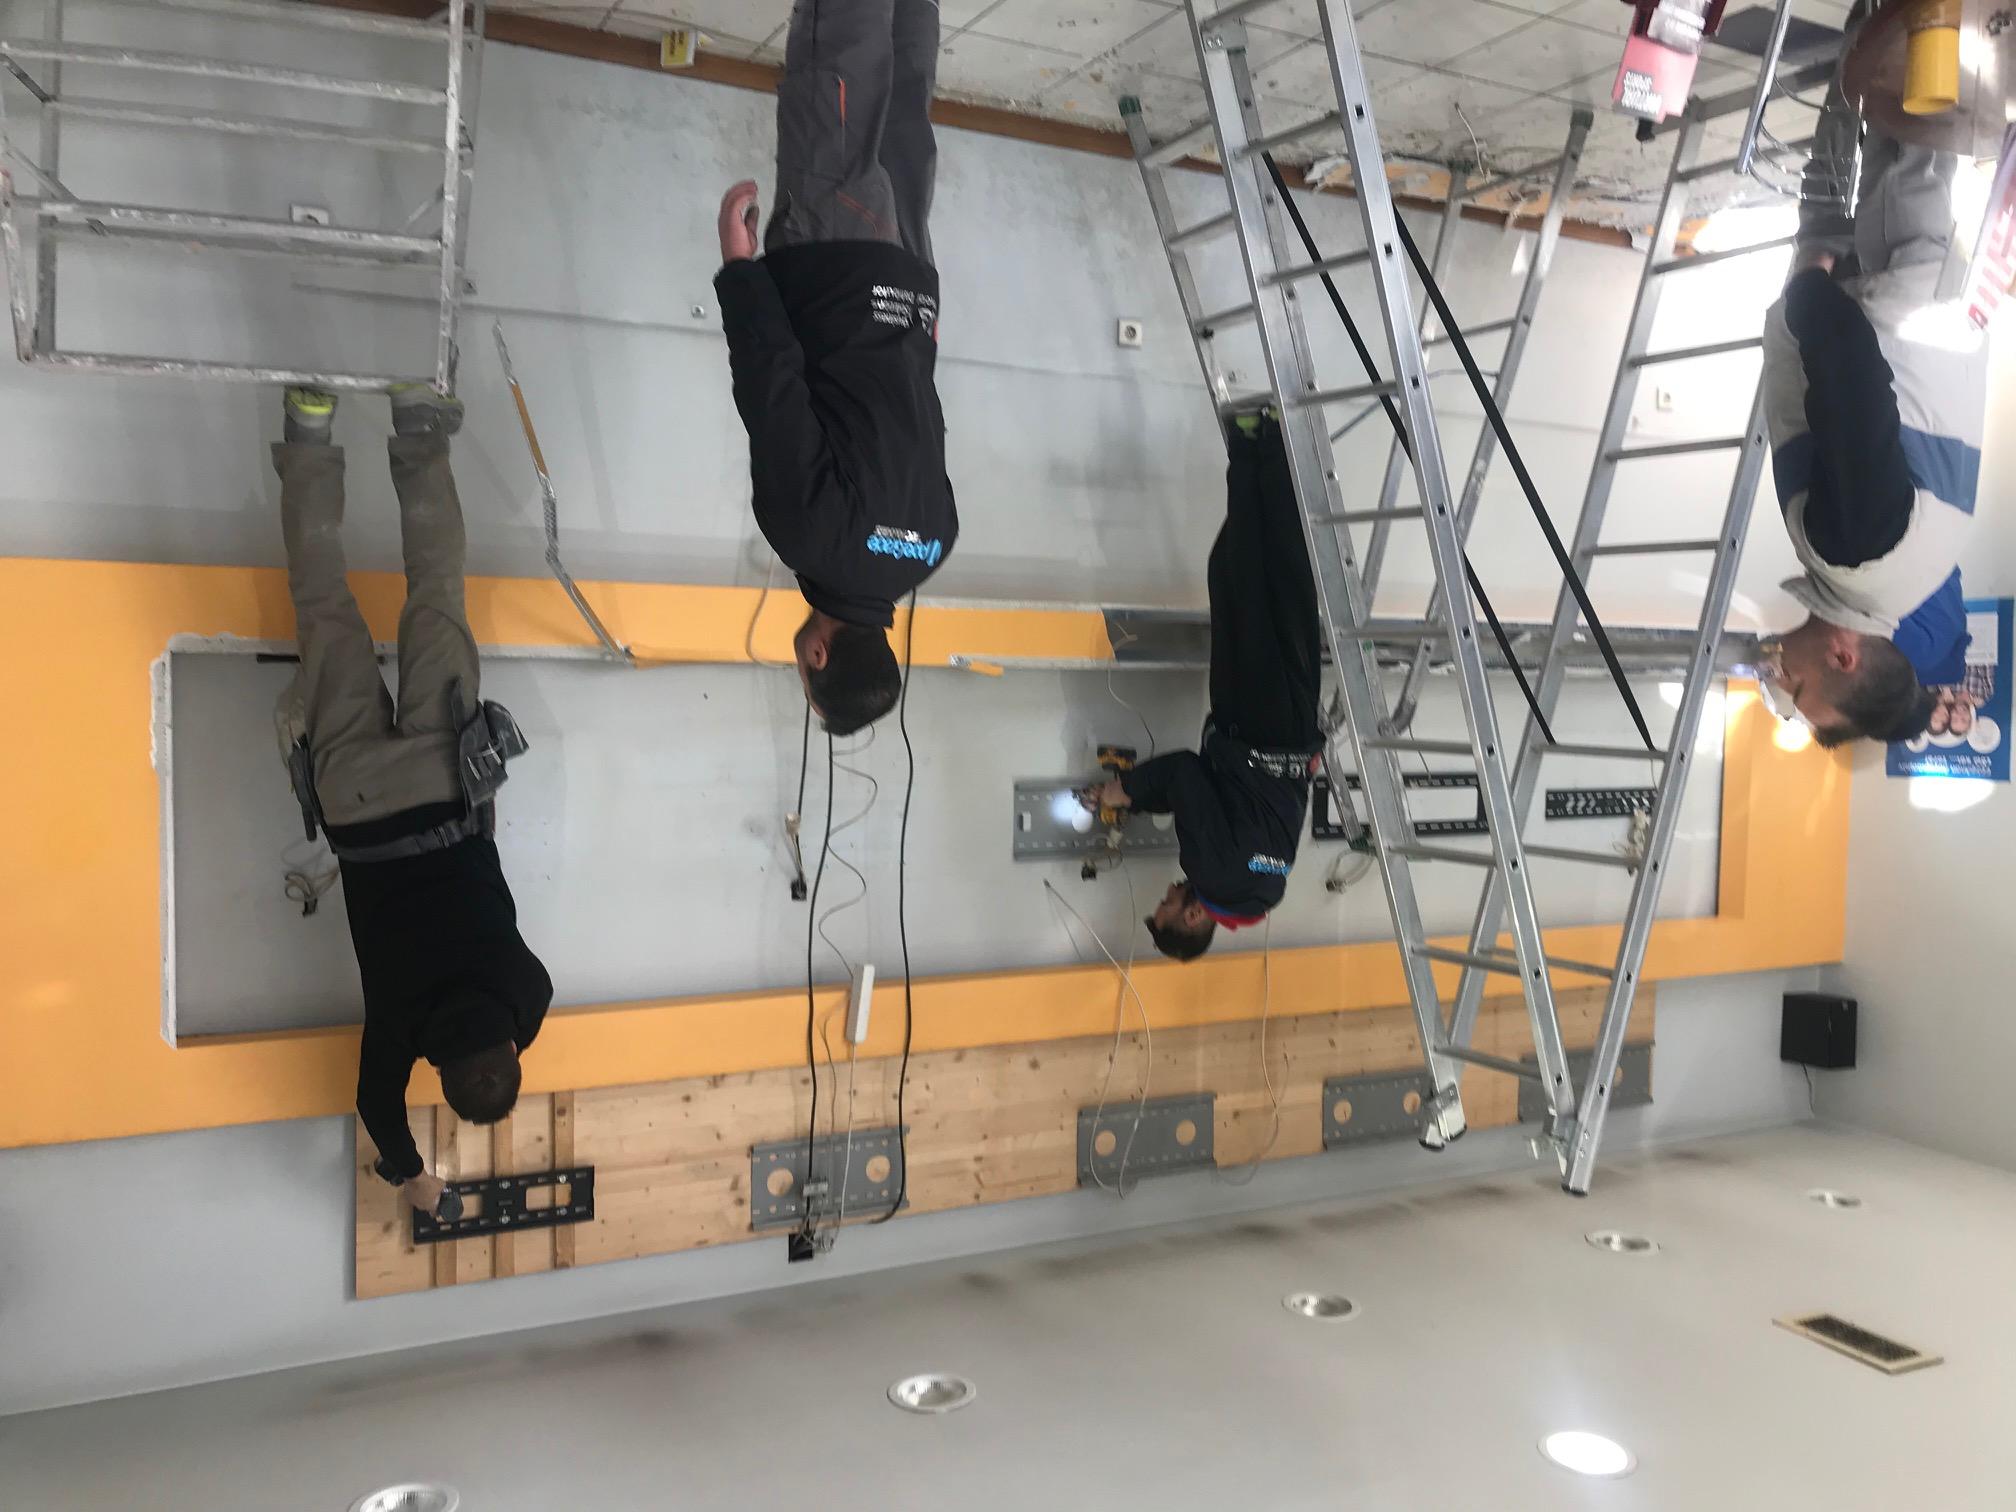 κατασκευές και ανακαινίσεις πρακτορείων οπαπ